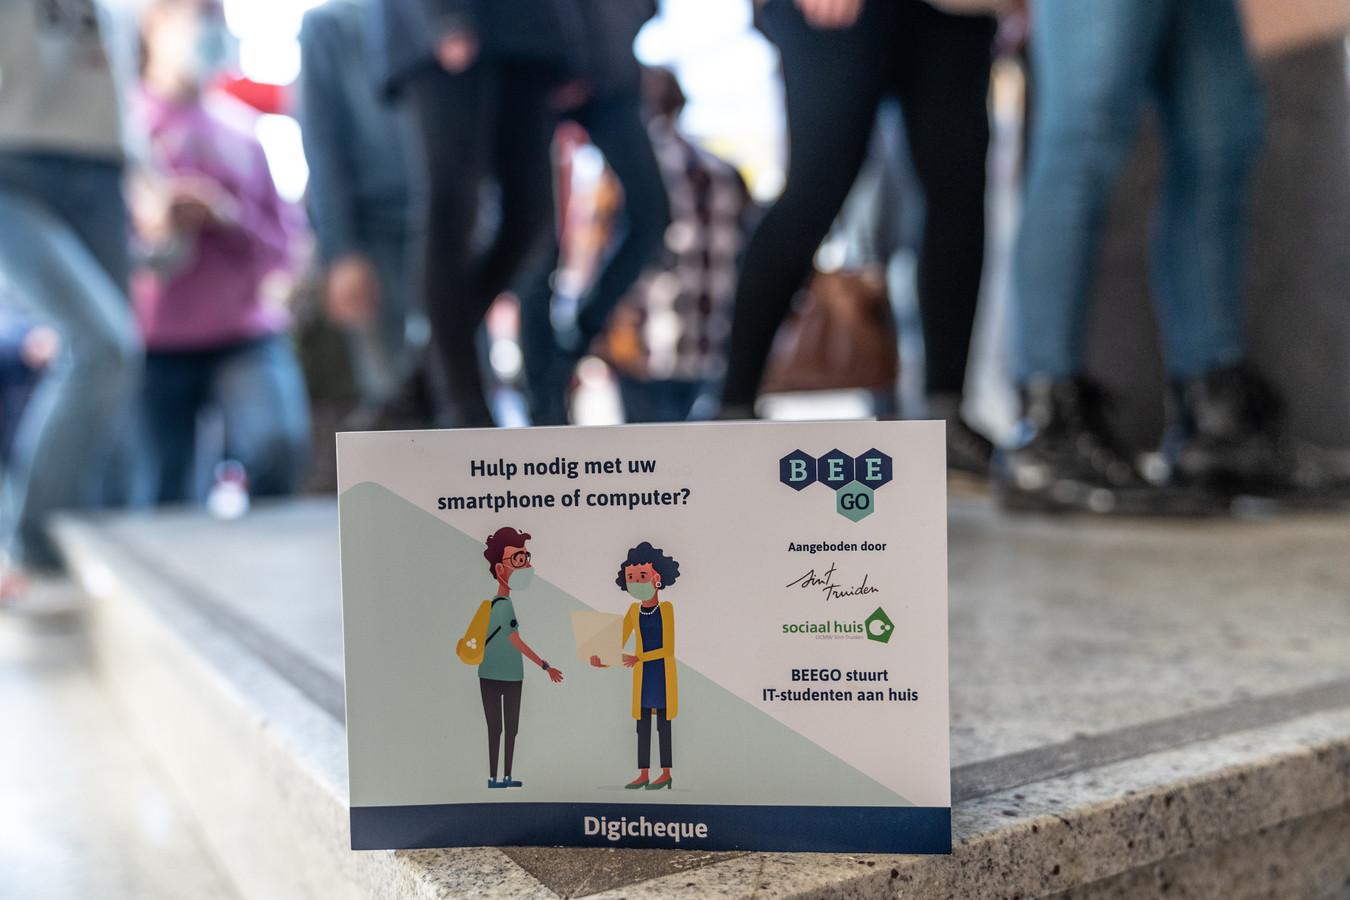 De Stad Sint-Truiden wil met de aankoop van laptops en digicheques de kwetsbare gezinnen in coronatijden ondersteunen.